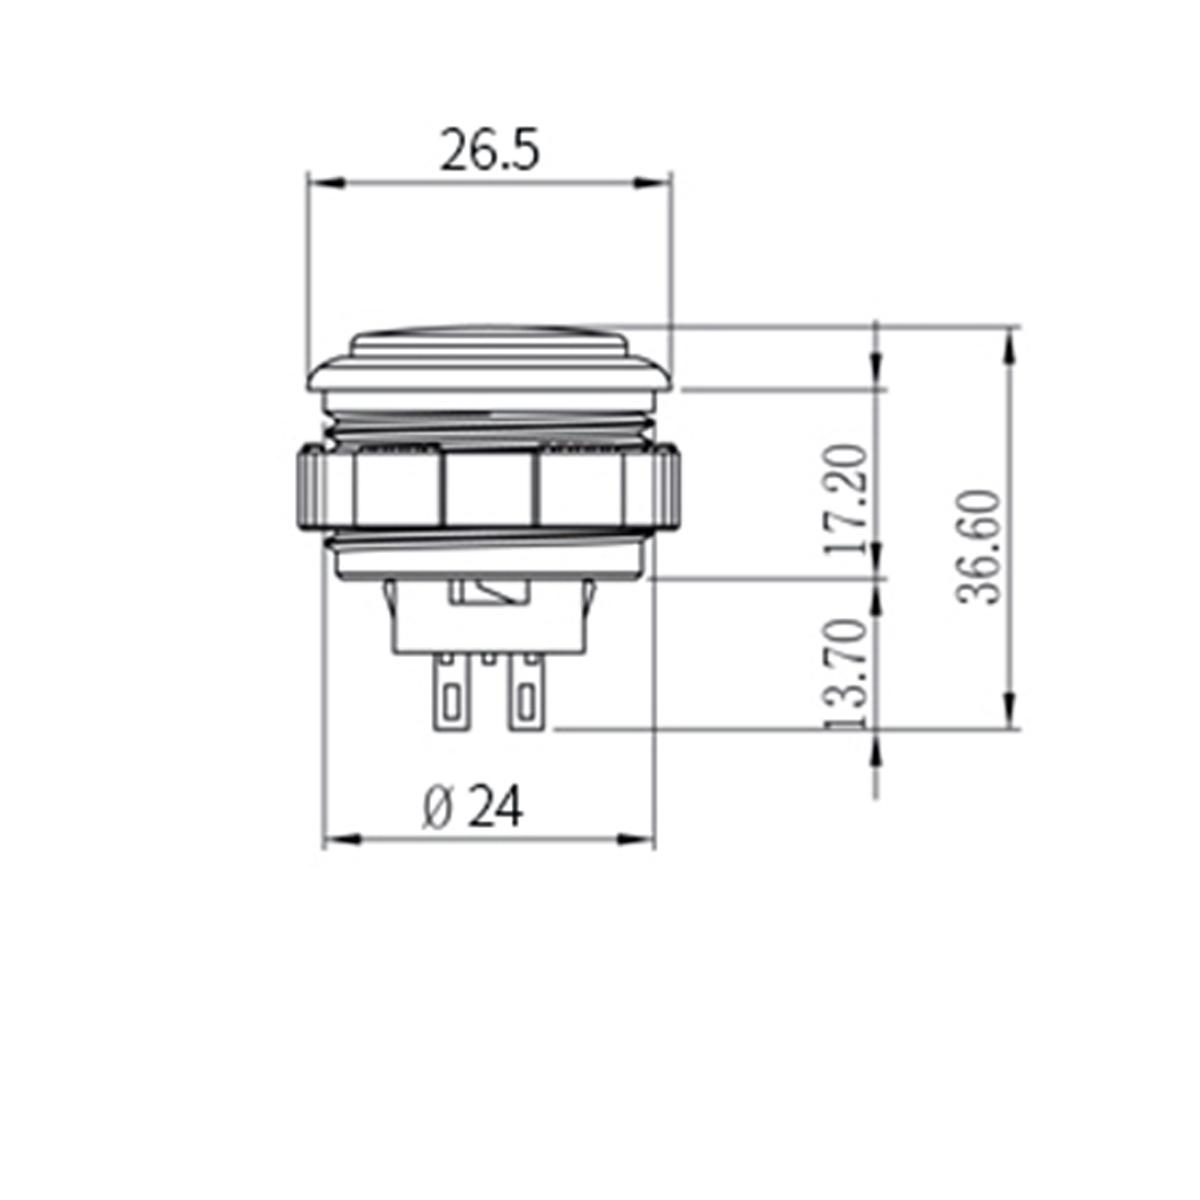 CROWN/Samducksa SDB-202 Cherry Button チェリー ボタン 24mm (ネジ式)